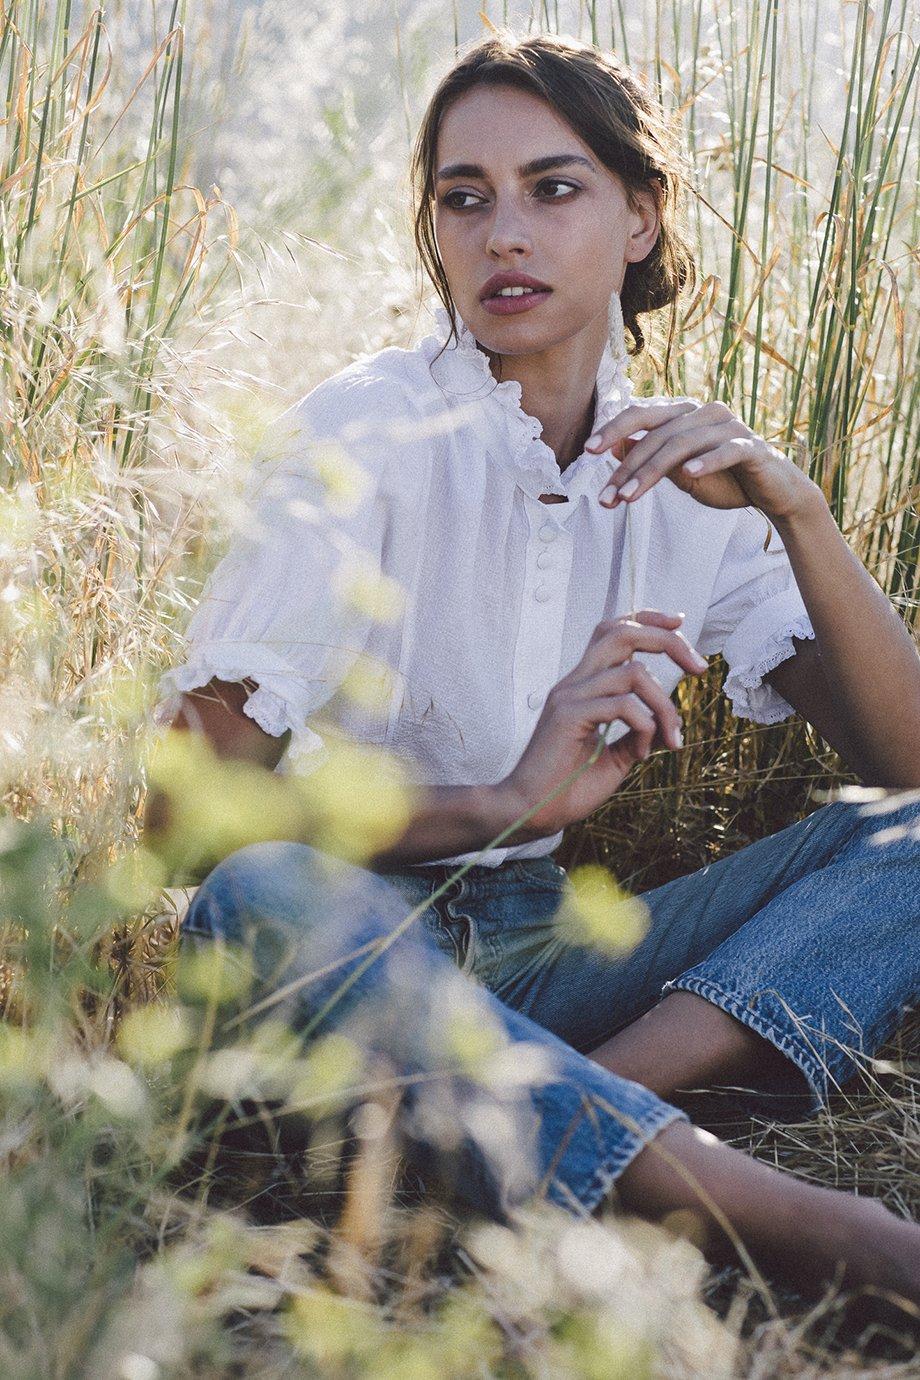 Kara Thoms shoot with Mary Gulin at the San Julien Ranch.